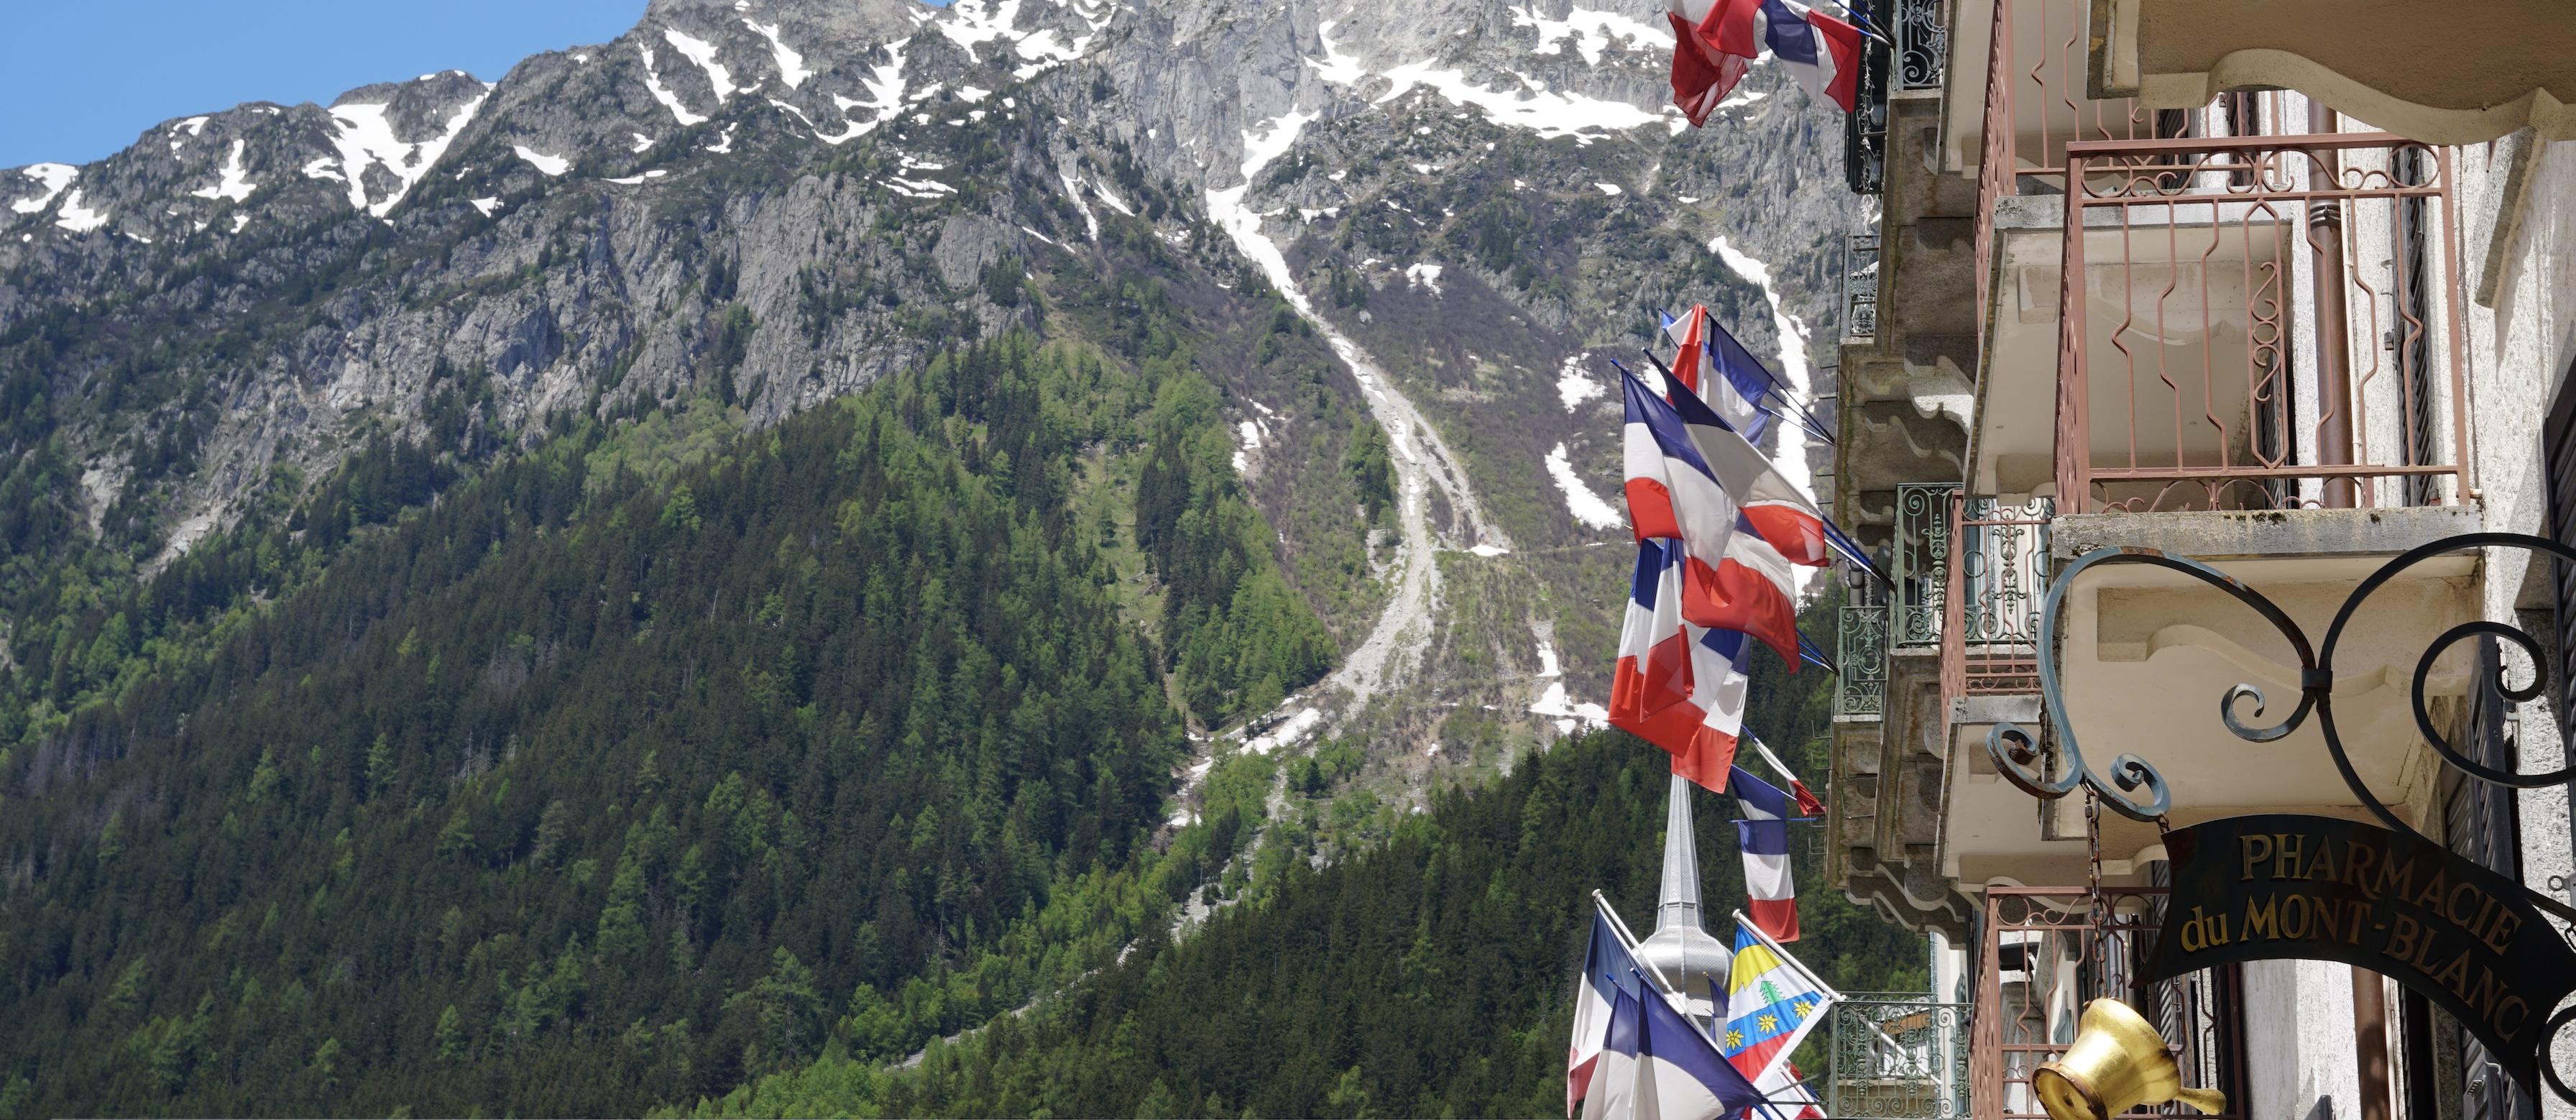 Banderas francesas en Chamonix con montaña al fondo